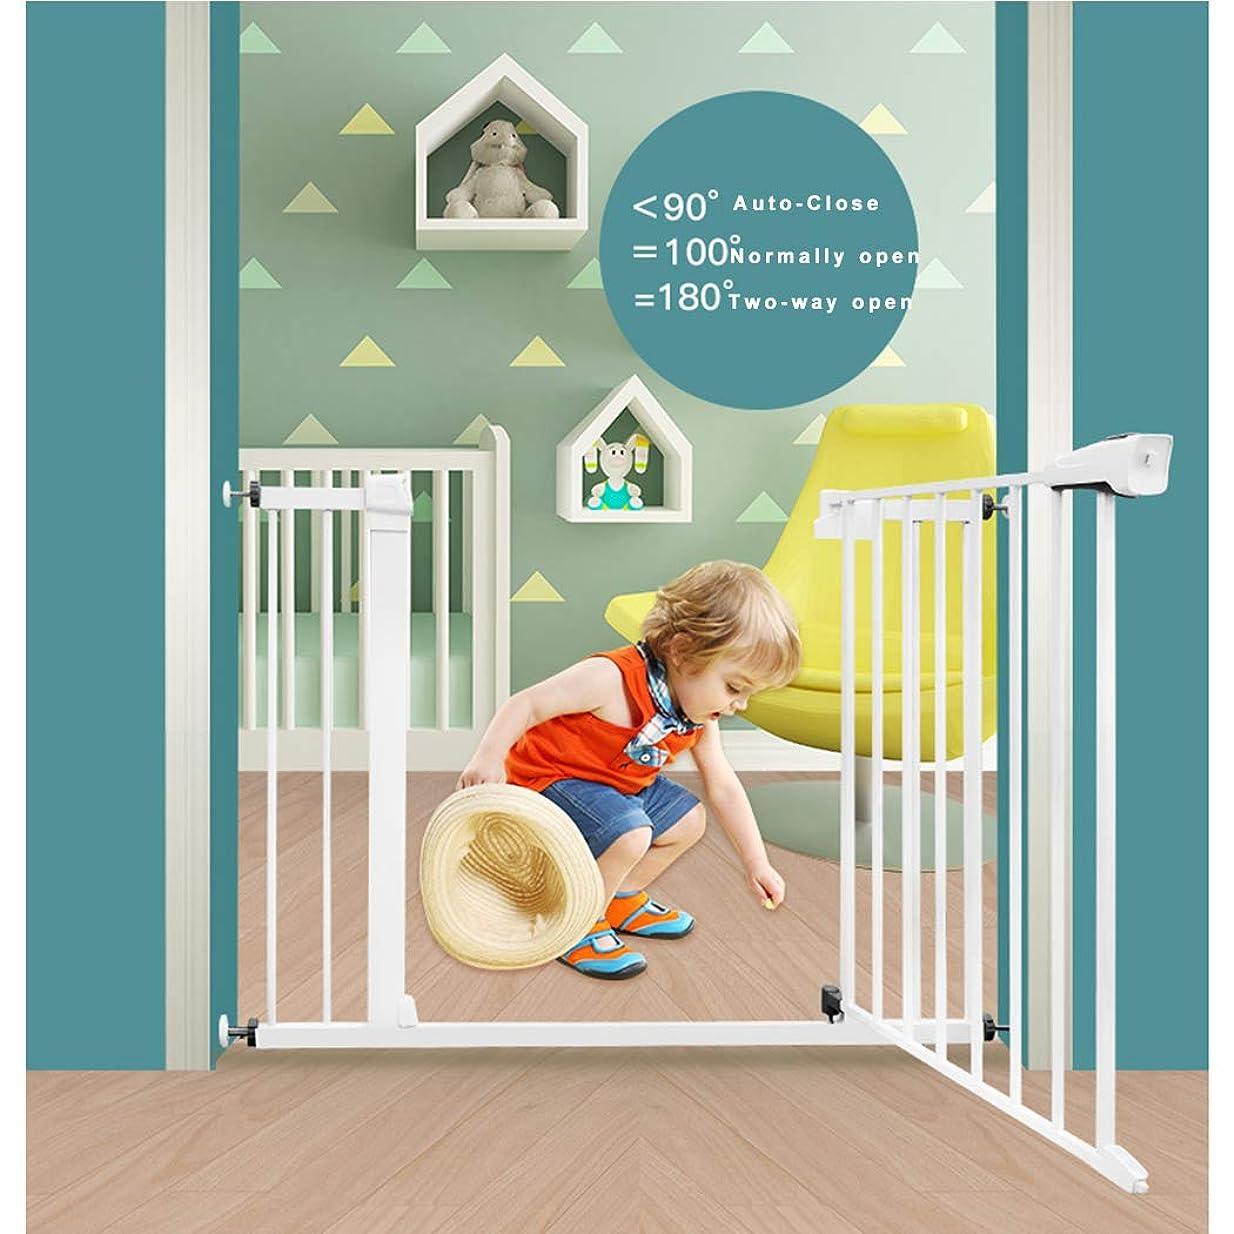 ベリーサラミねじれペット柵 ガード ス フェンス ドア 家庭用 キッチン 隔離ドア 簡単設置 安全ゲート用 ベビーゲート用 ペットゲート用(Color:高さ76cm,Size:75-82CM)